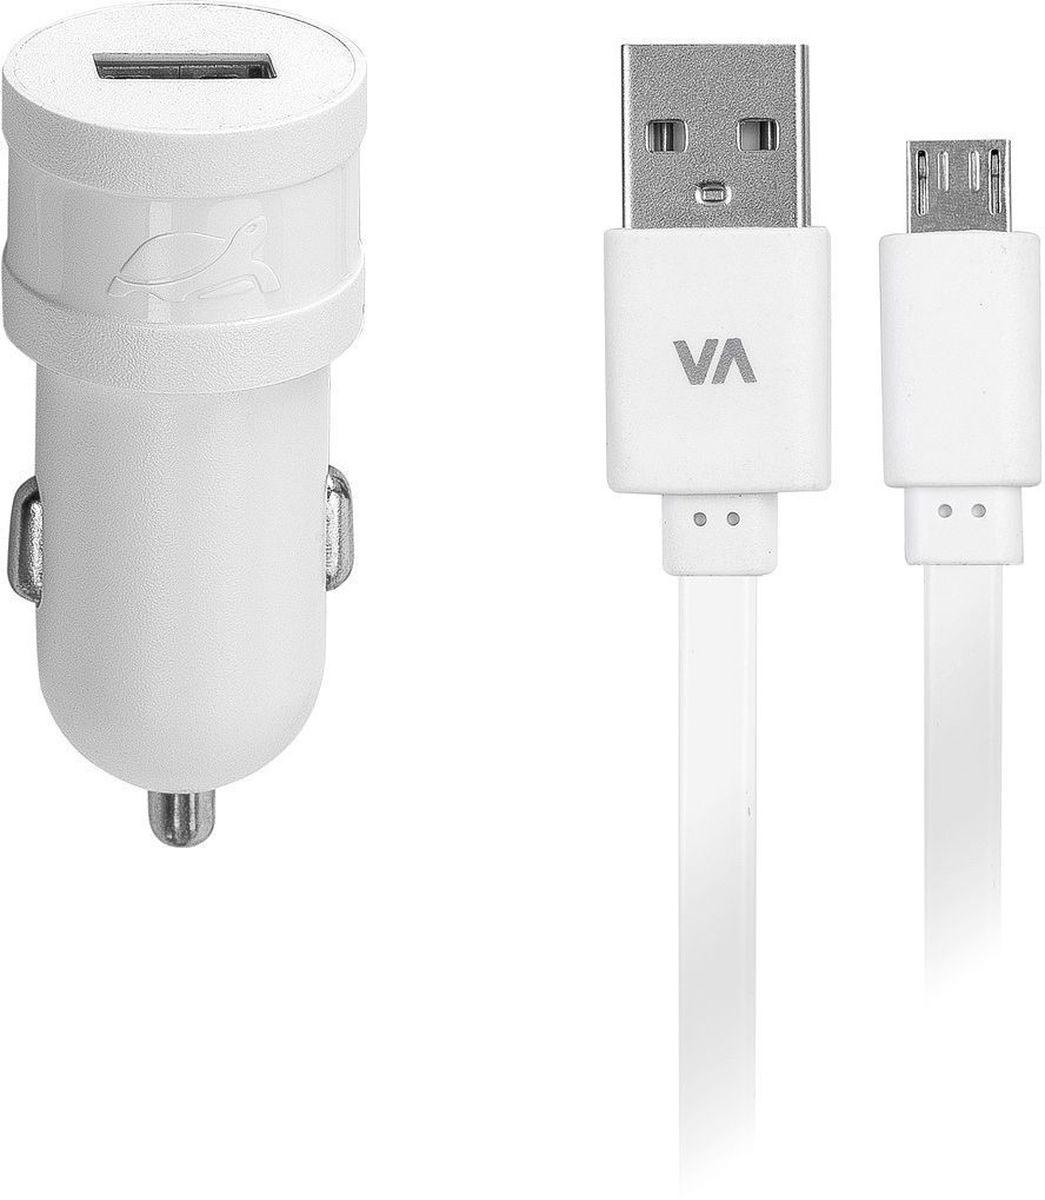 Rivapower VA4211 WD1, White автомобильное зарядное устройствоVA4211 WD1Универсальное автомобильное зарядное устройство Rivapower VA4211 BD1 совместимо со всеми устройствами, использующими USB порт для зарядки своих аккумуляторов. Высококачественные компоненты, встроенные фильтры, защита от скачков напряжения, защита от перегрузки, перегрева и короткого замыкания делают процесс зарядки быстрым, эффективным и безопасным. Корпус сделан из негорючего пластика, устойчивого к механическим повреждениям. Ультра компактные размеры зарядного устройства позволяют использовать его даже в автомобилях с ограниченным пространством вокруг автомобильного разъема электропитания. В комплект входит дата-кабель microUSB длиной 1 метр.